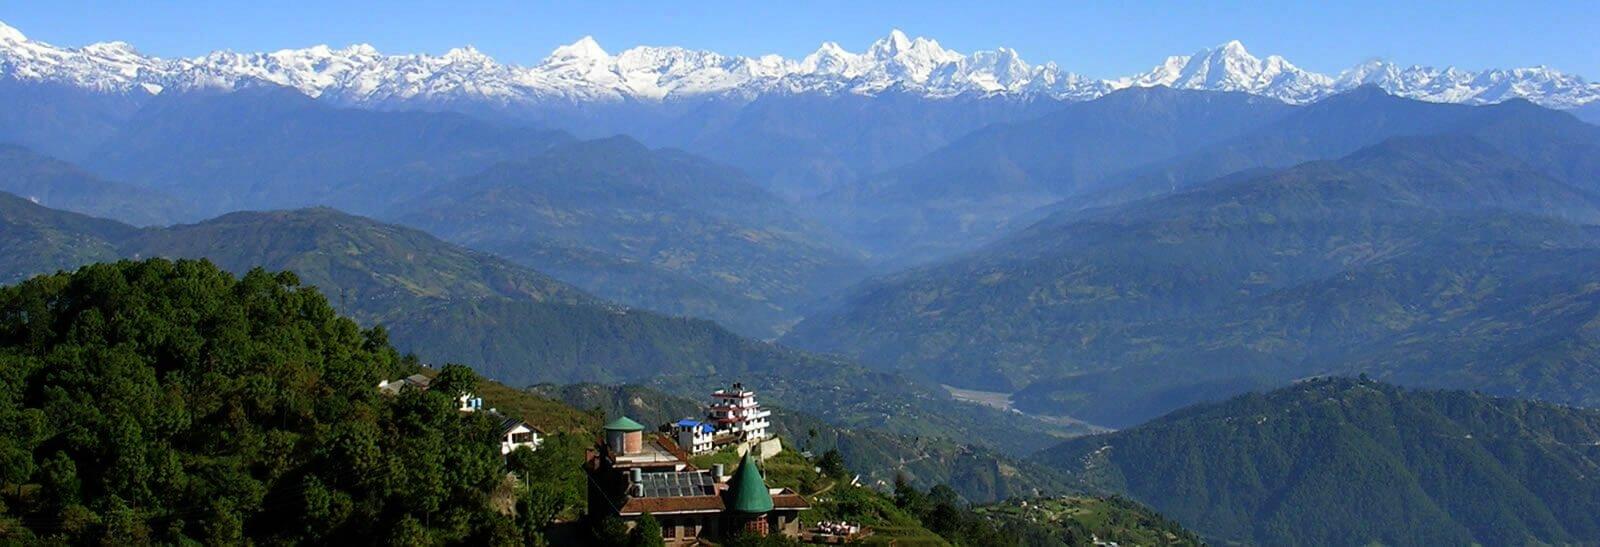 Agence Trek au Népal